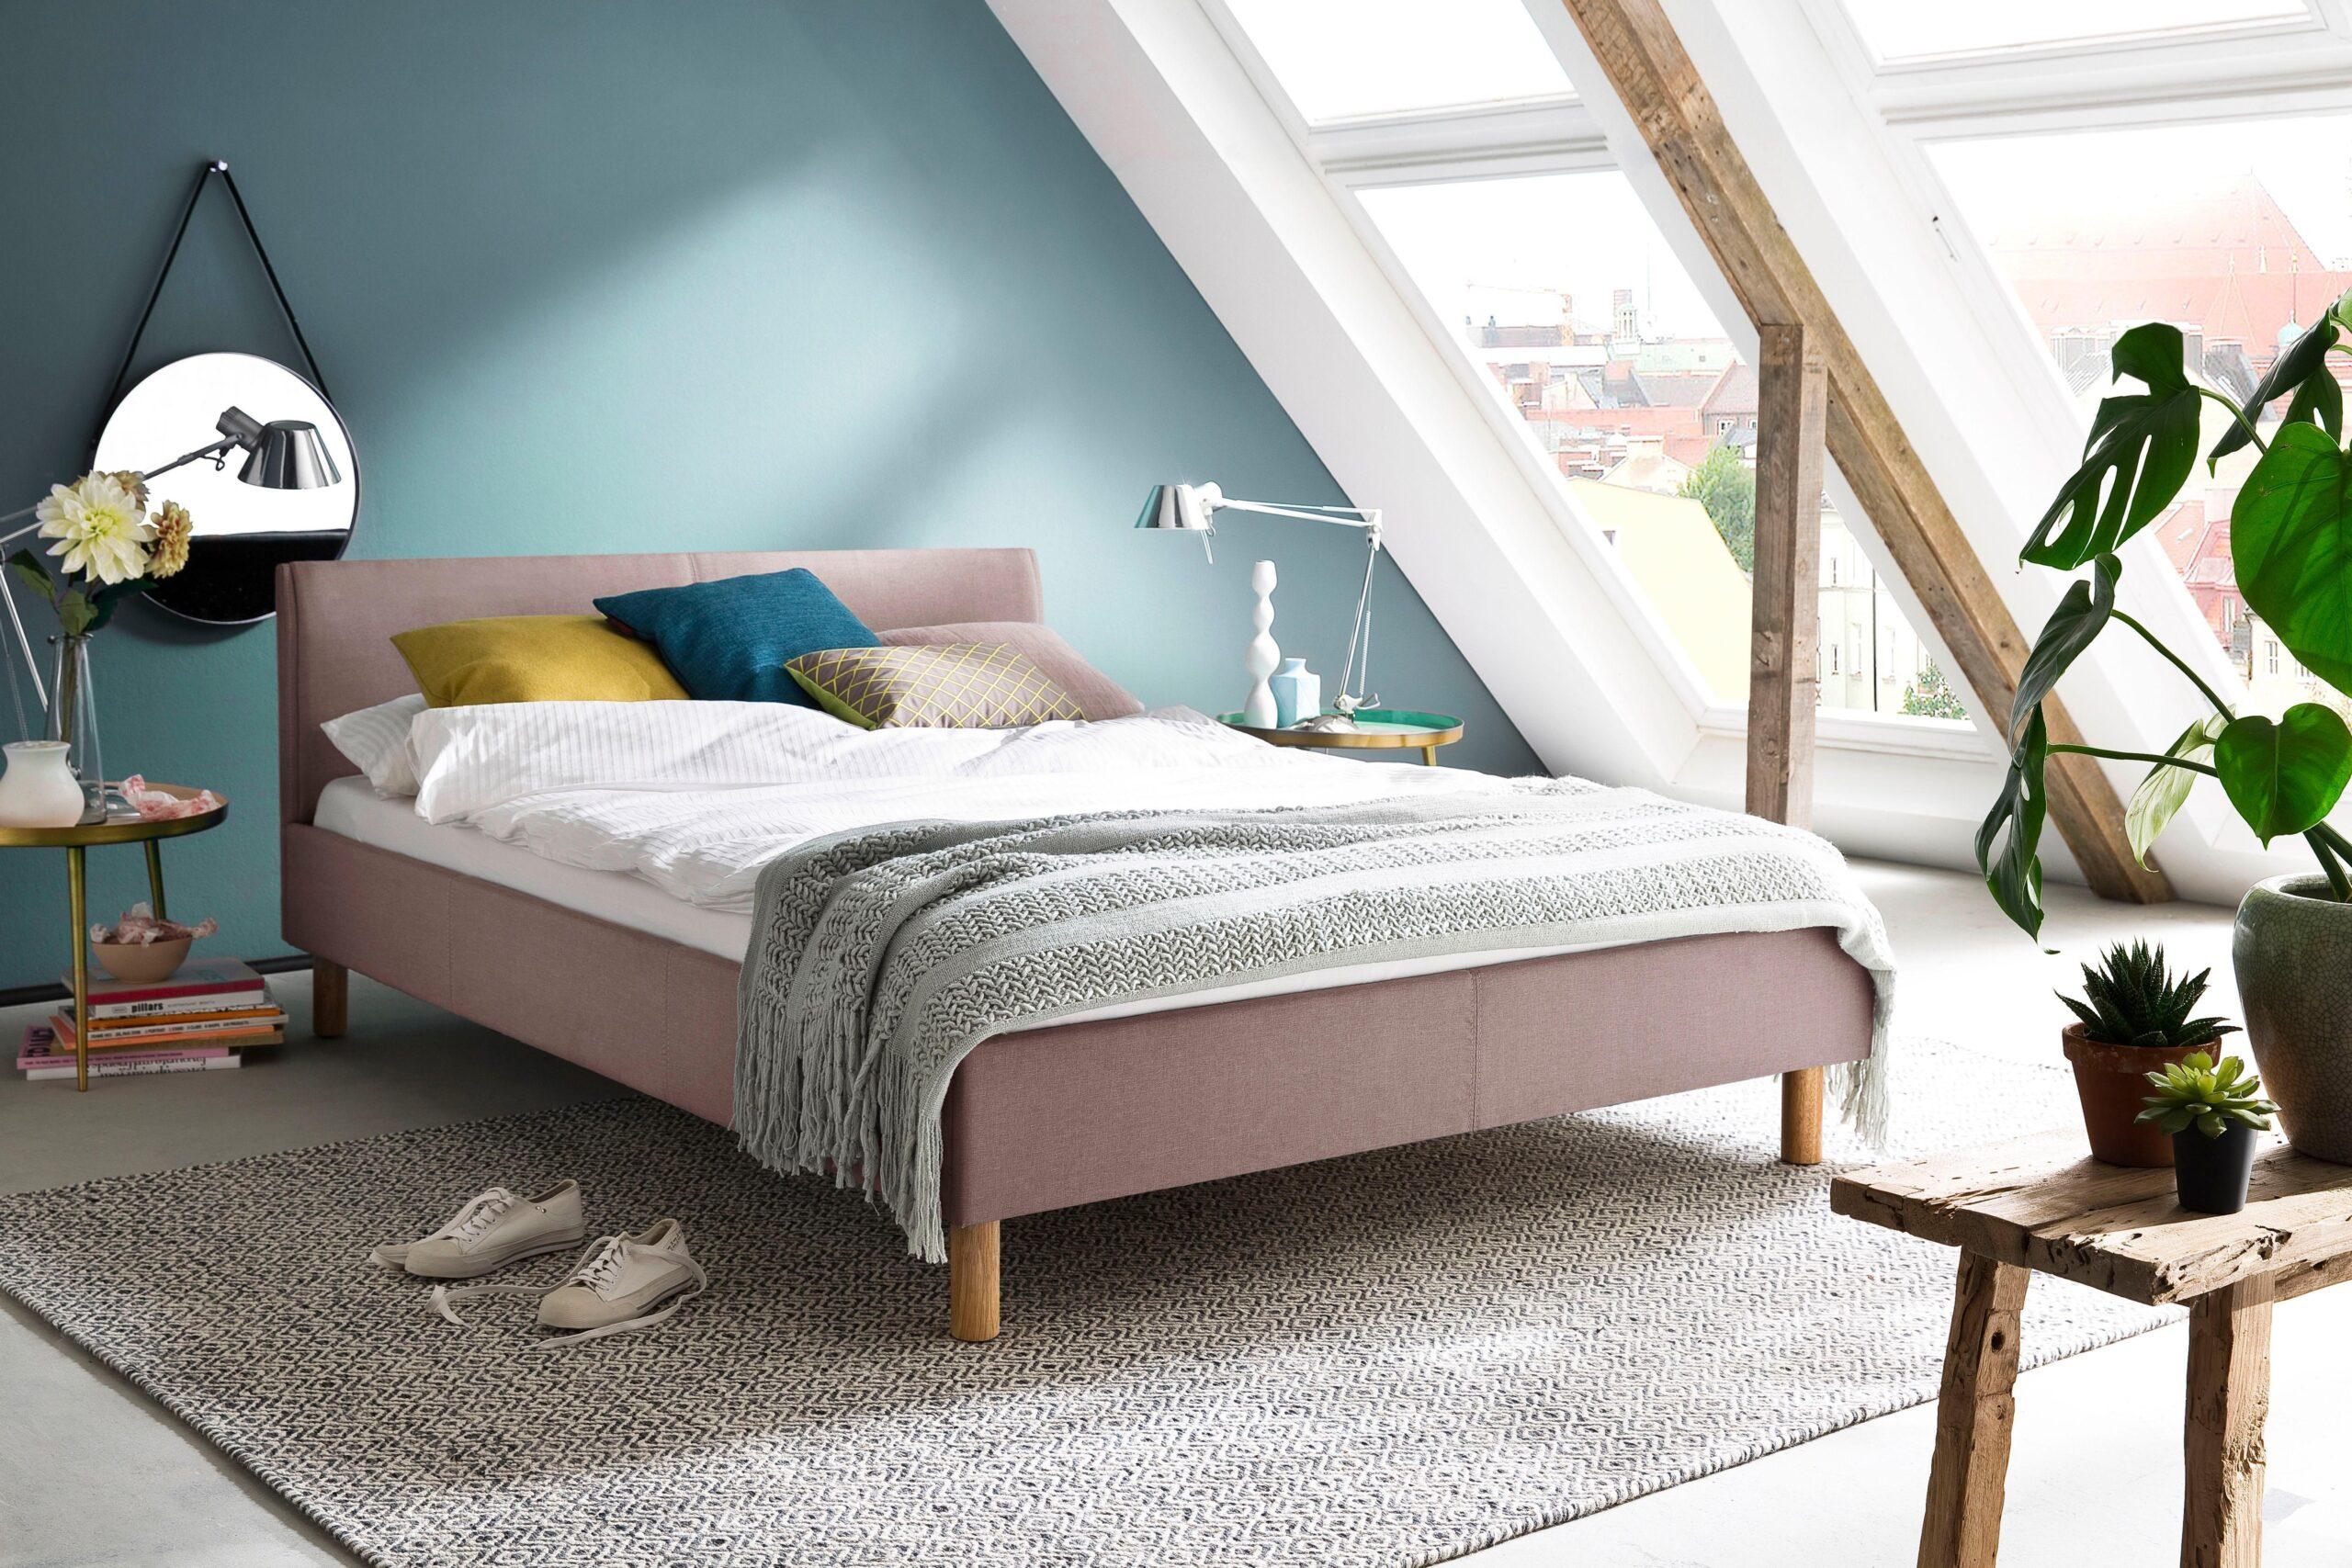 Full Size of Rosa Pink Eiche Polsterbetten Online Kaufen Mbel Suchmaschine Schlafzimmer Betten Kronleuchter Landhausstil Romantische Deckenleuchten Led Deckenleuchte Wohnzimmer Altrosa Schlafzimmer